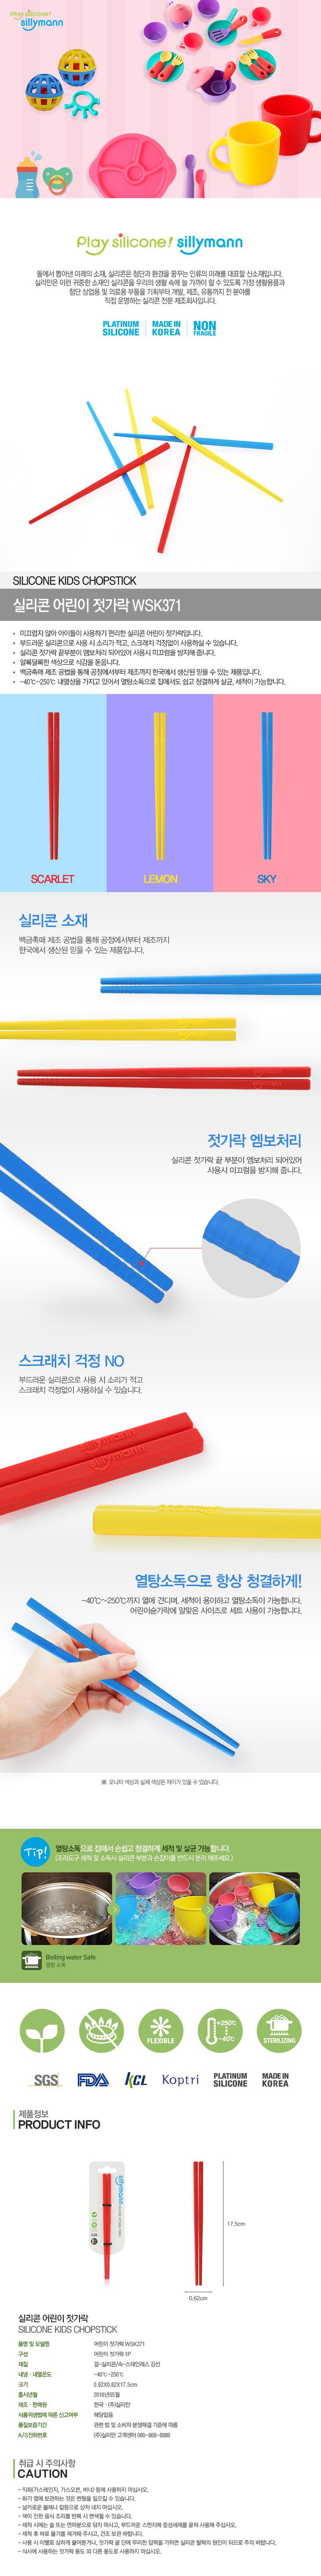 실리콘 어린이 젓가락 WSK371 - 실리만, 6,000원, 숟가락/젓가락/스틱, 숟가락/젓가락 세트